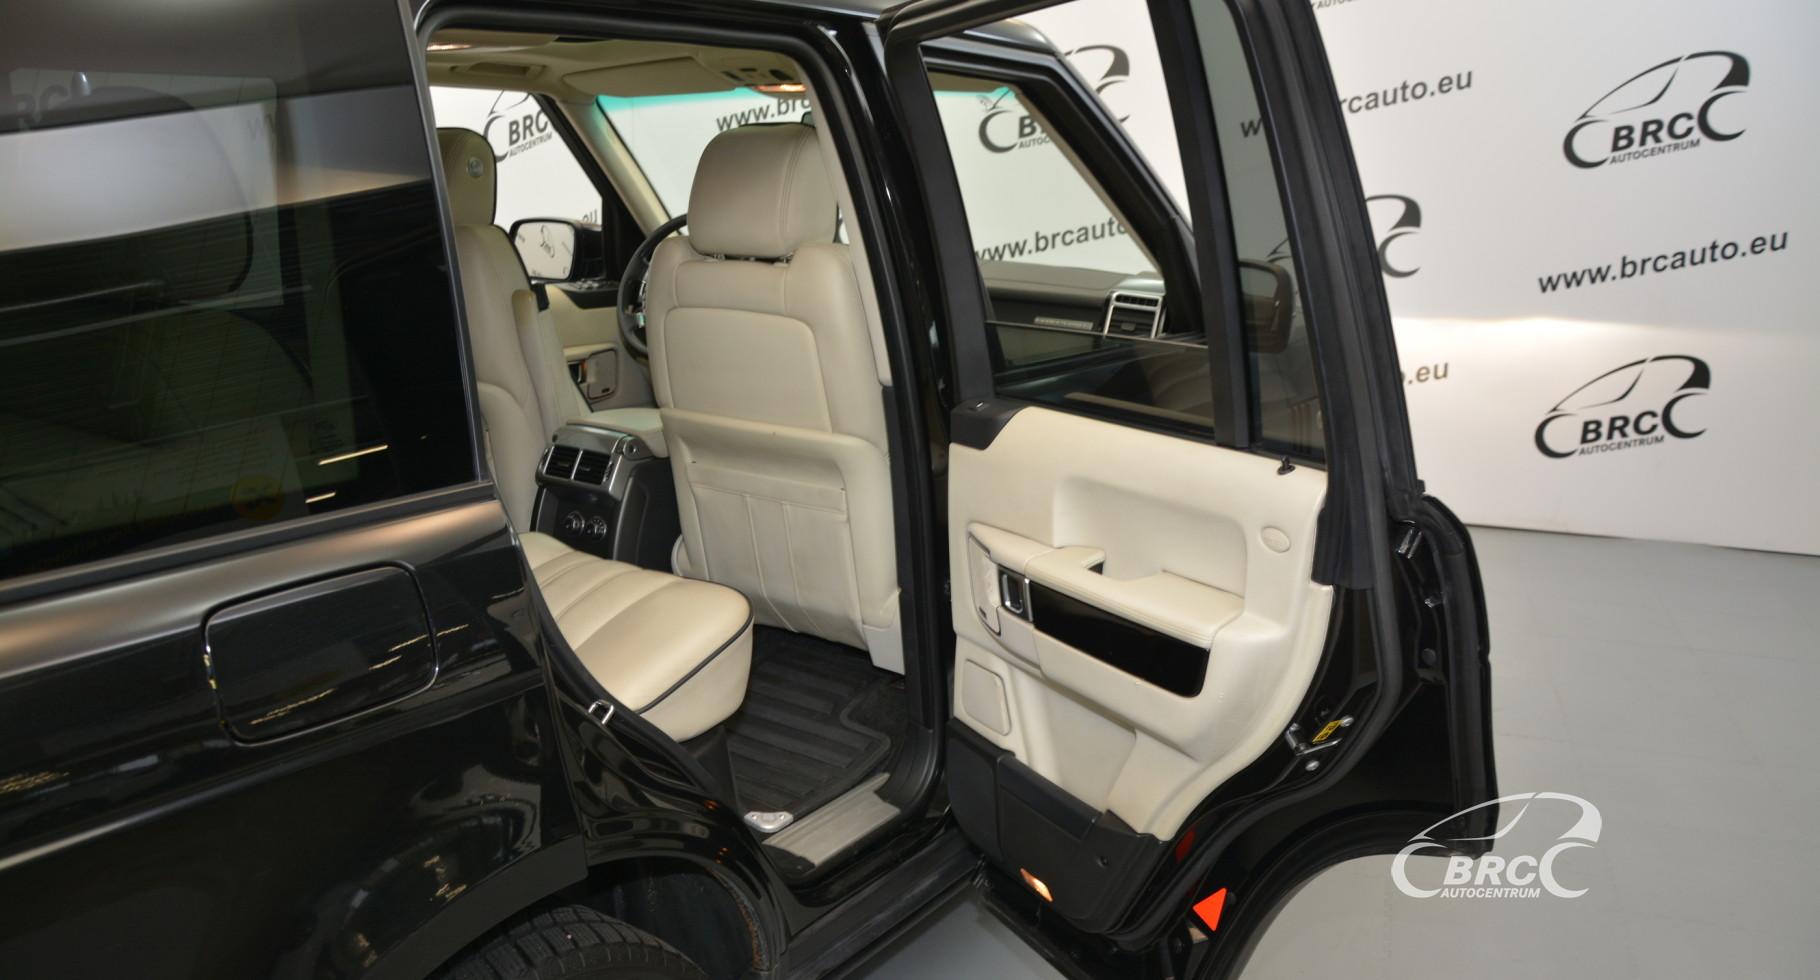 Land-Rover Range Rover TDV8 Vogue Automatas